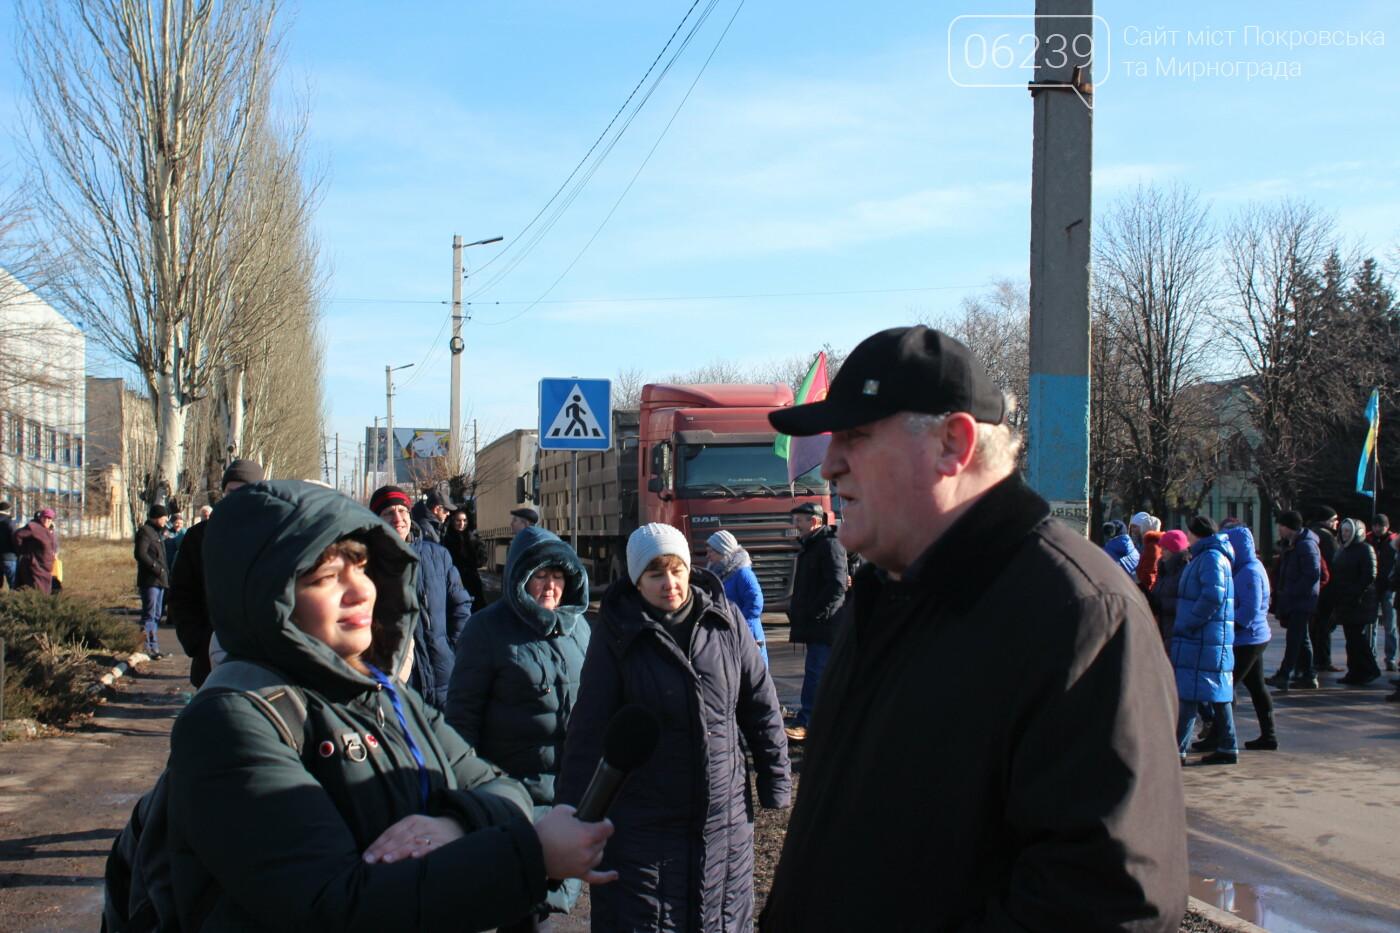 В Мирнограде горняки снова вышли на акцию протеста, на этот раз перекрыли 2 главные улицы города , фото-12